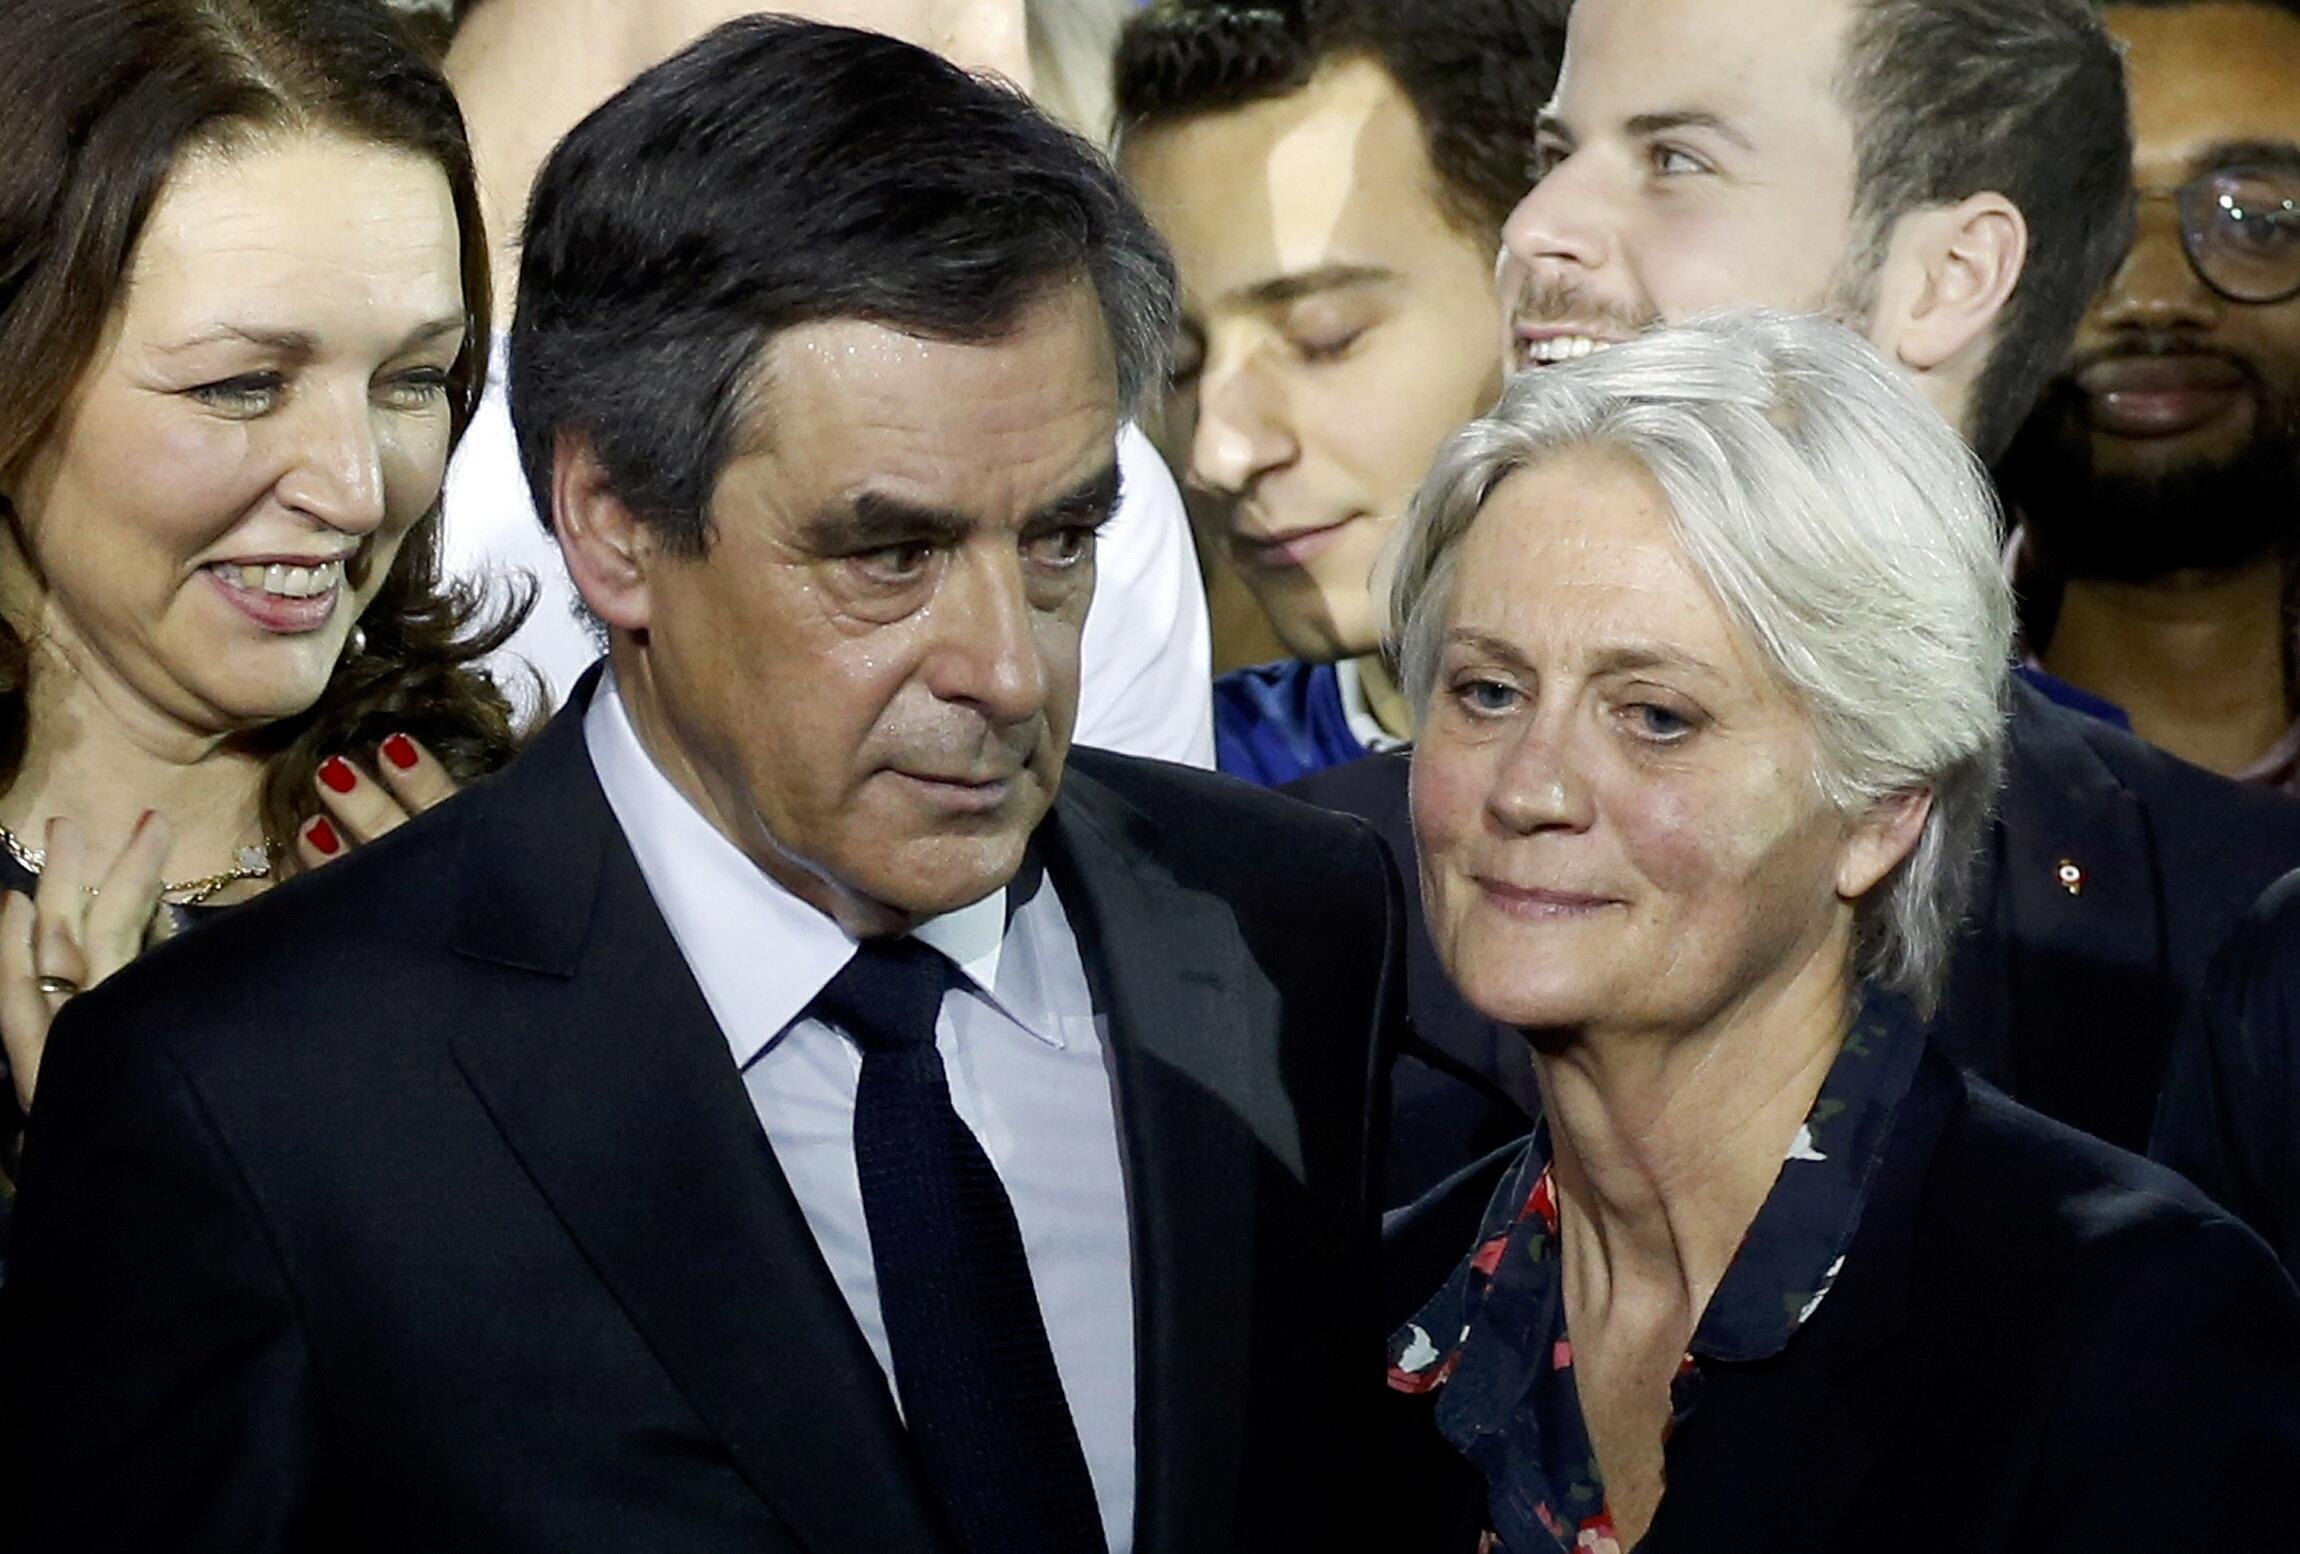 Ông François Fillon và vợ Penelope, trong cuộc vận động tranh cử ngày 29/01/2017